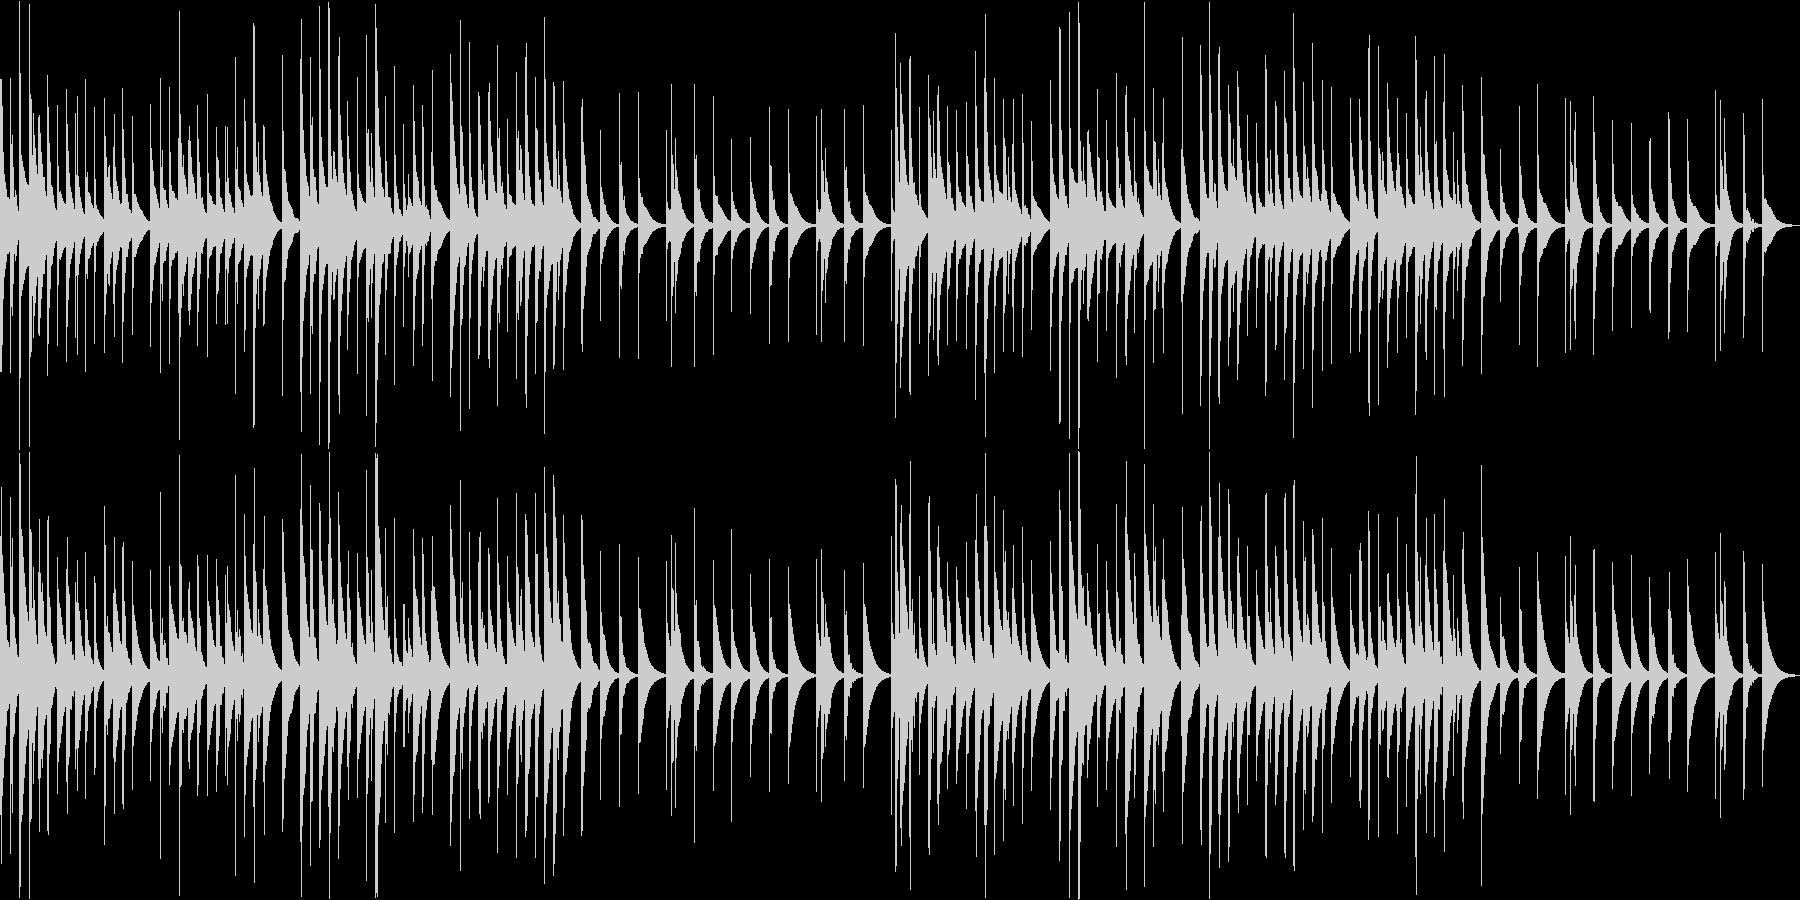 幸せな感情をイメージしたオルゴール曲の未再生の波形